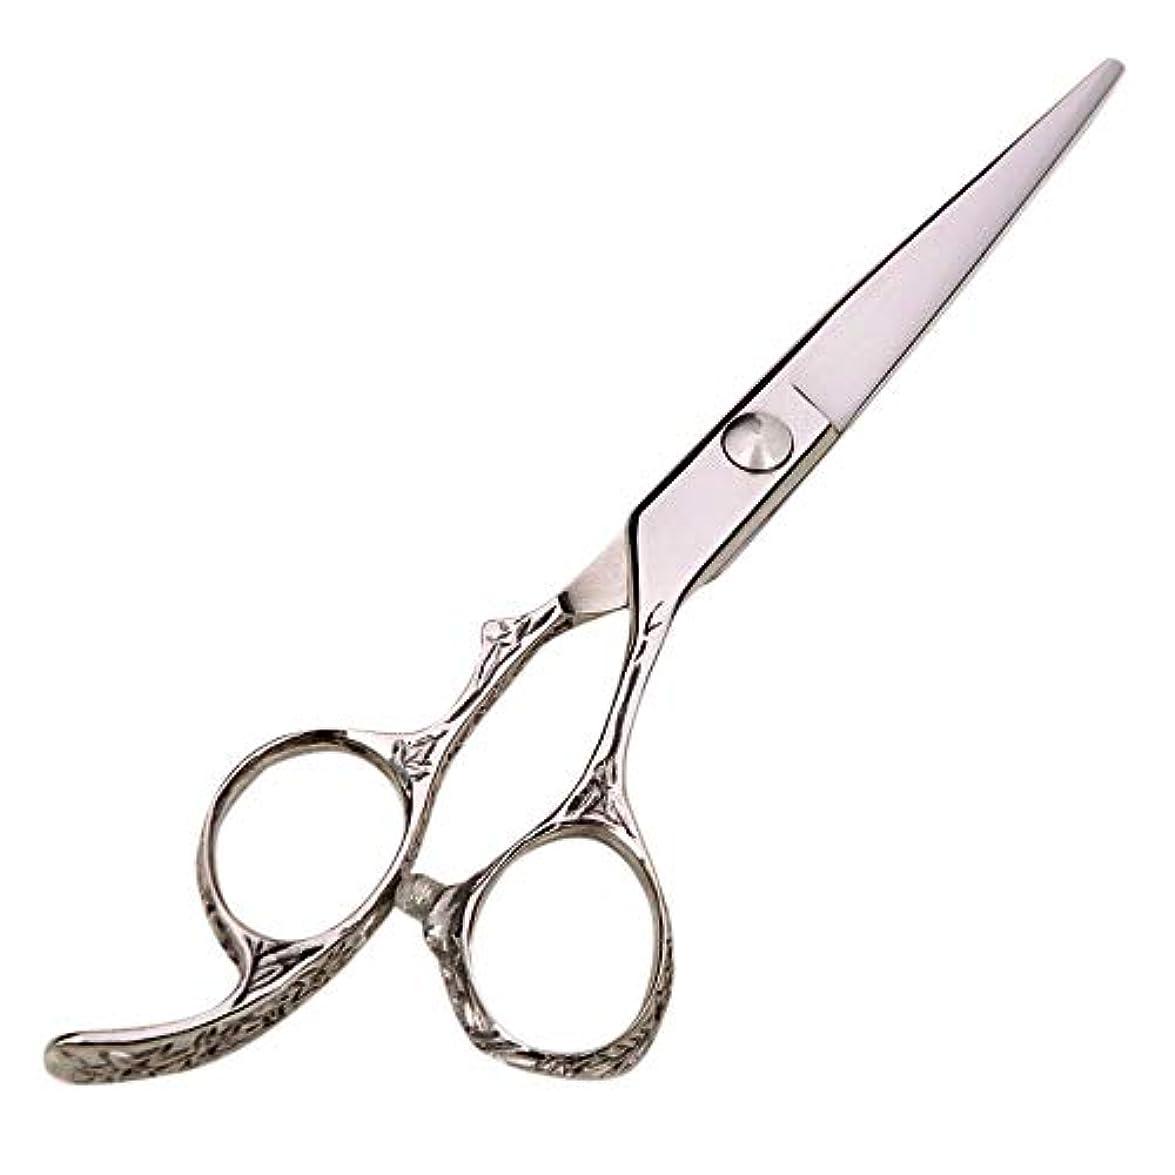 クスクスベーシックスーパー6インチハイエンドプロフェッショナル理髪はさみ、美容院理髪ツール ヘアケア (色 : Silver)